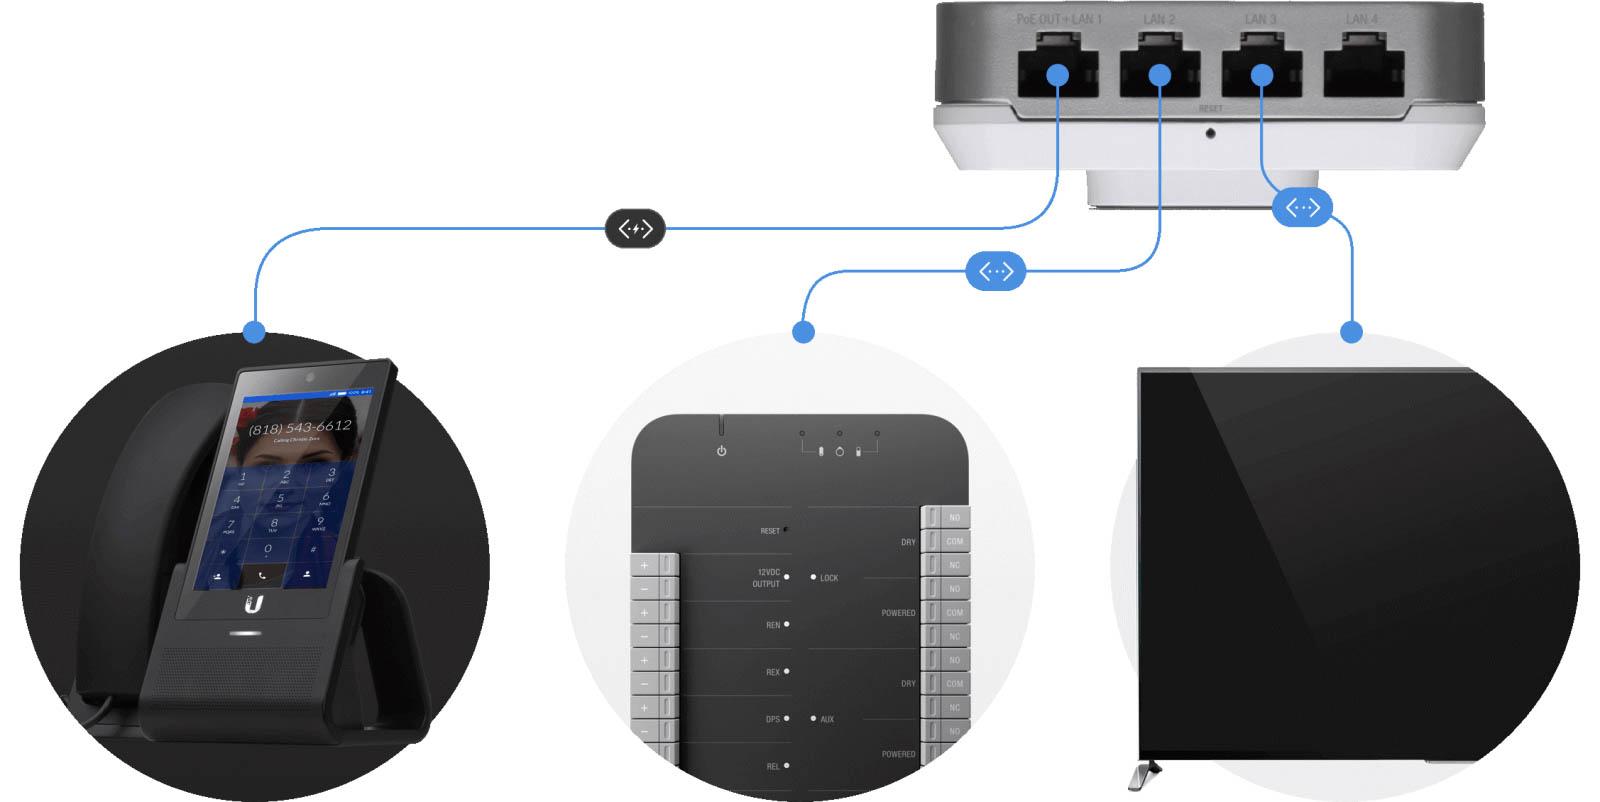 Tính năng kết nối của Unifi AP Inwall